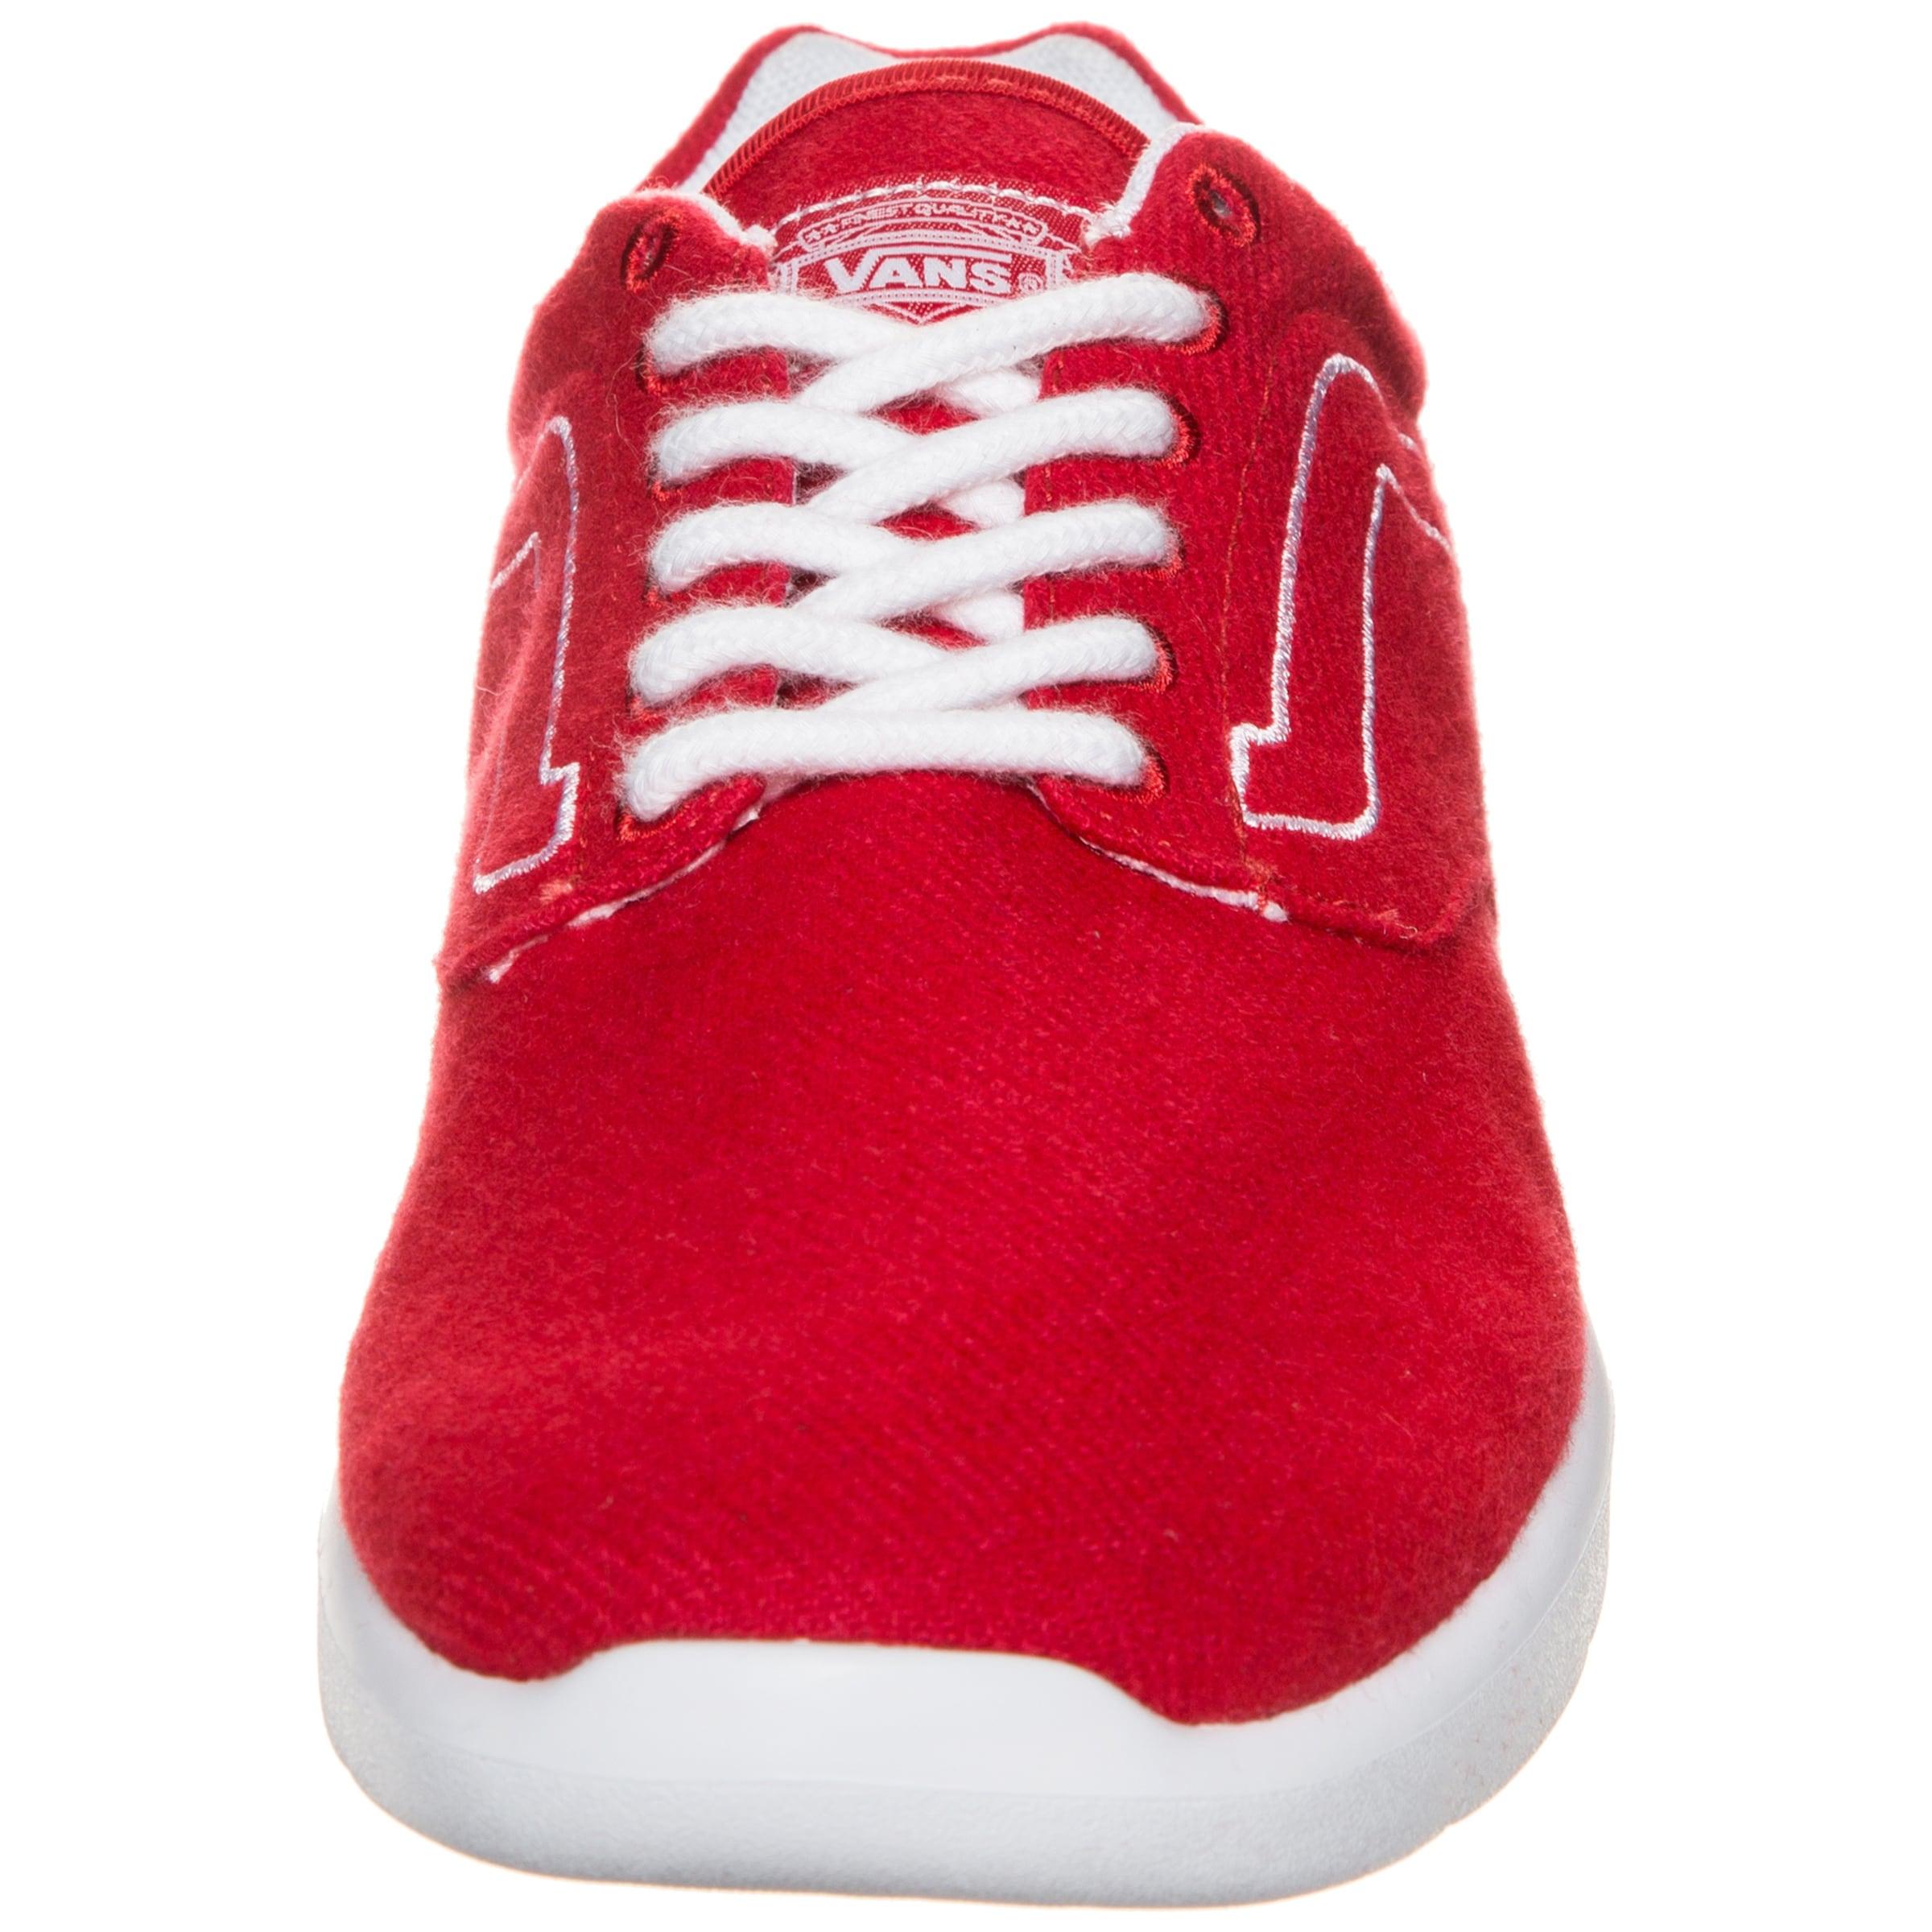 Rouge Basses Vans Vans Vans Baskets Rouge En Baskets Baskets Basses Basses En MzpGUVqS